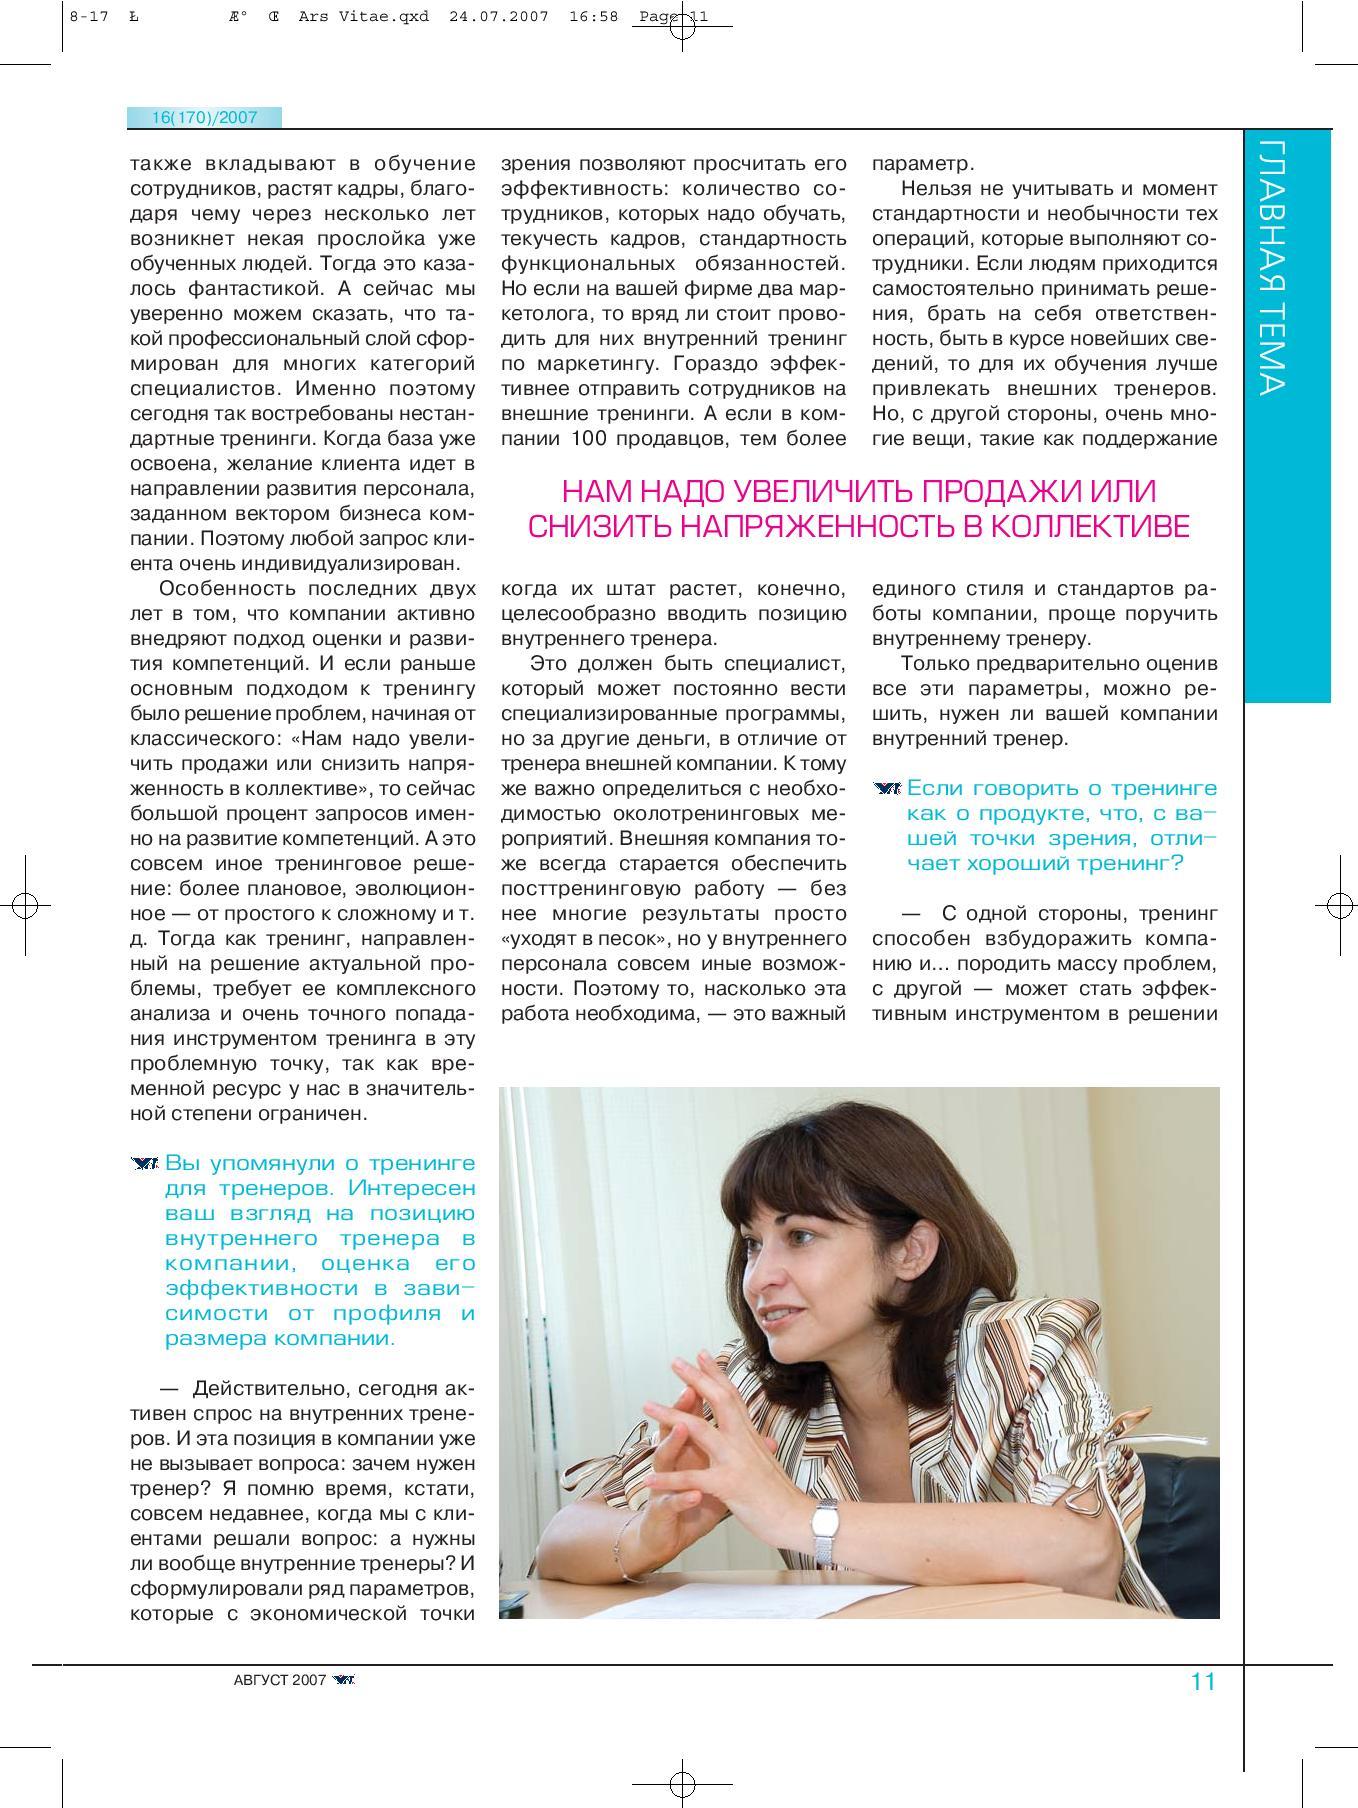 8-17__intervyu_oblozhka_Ars_Vitae-page-004.jpg